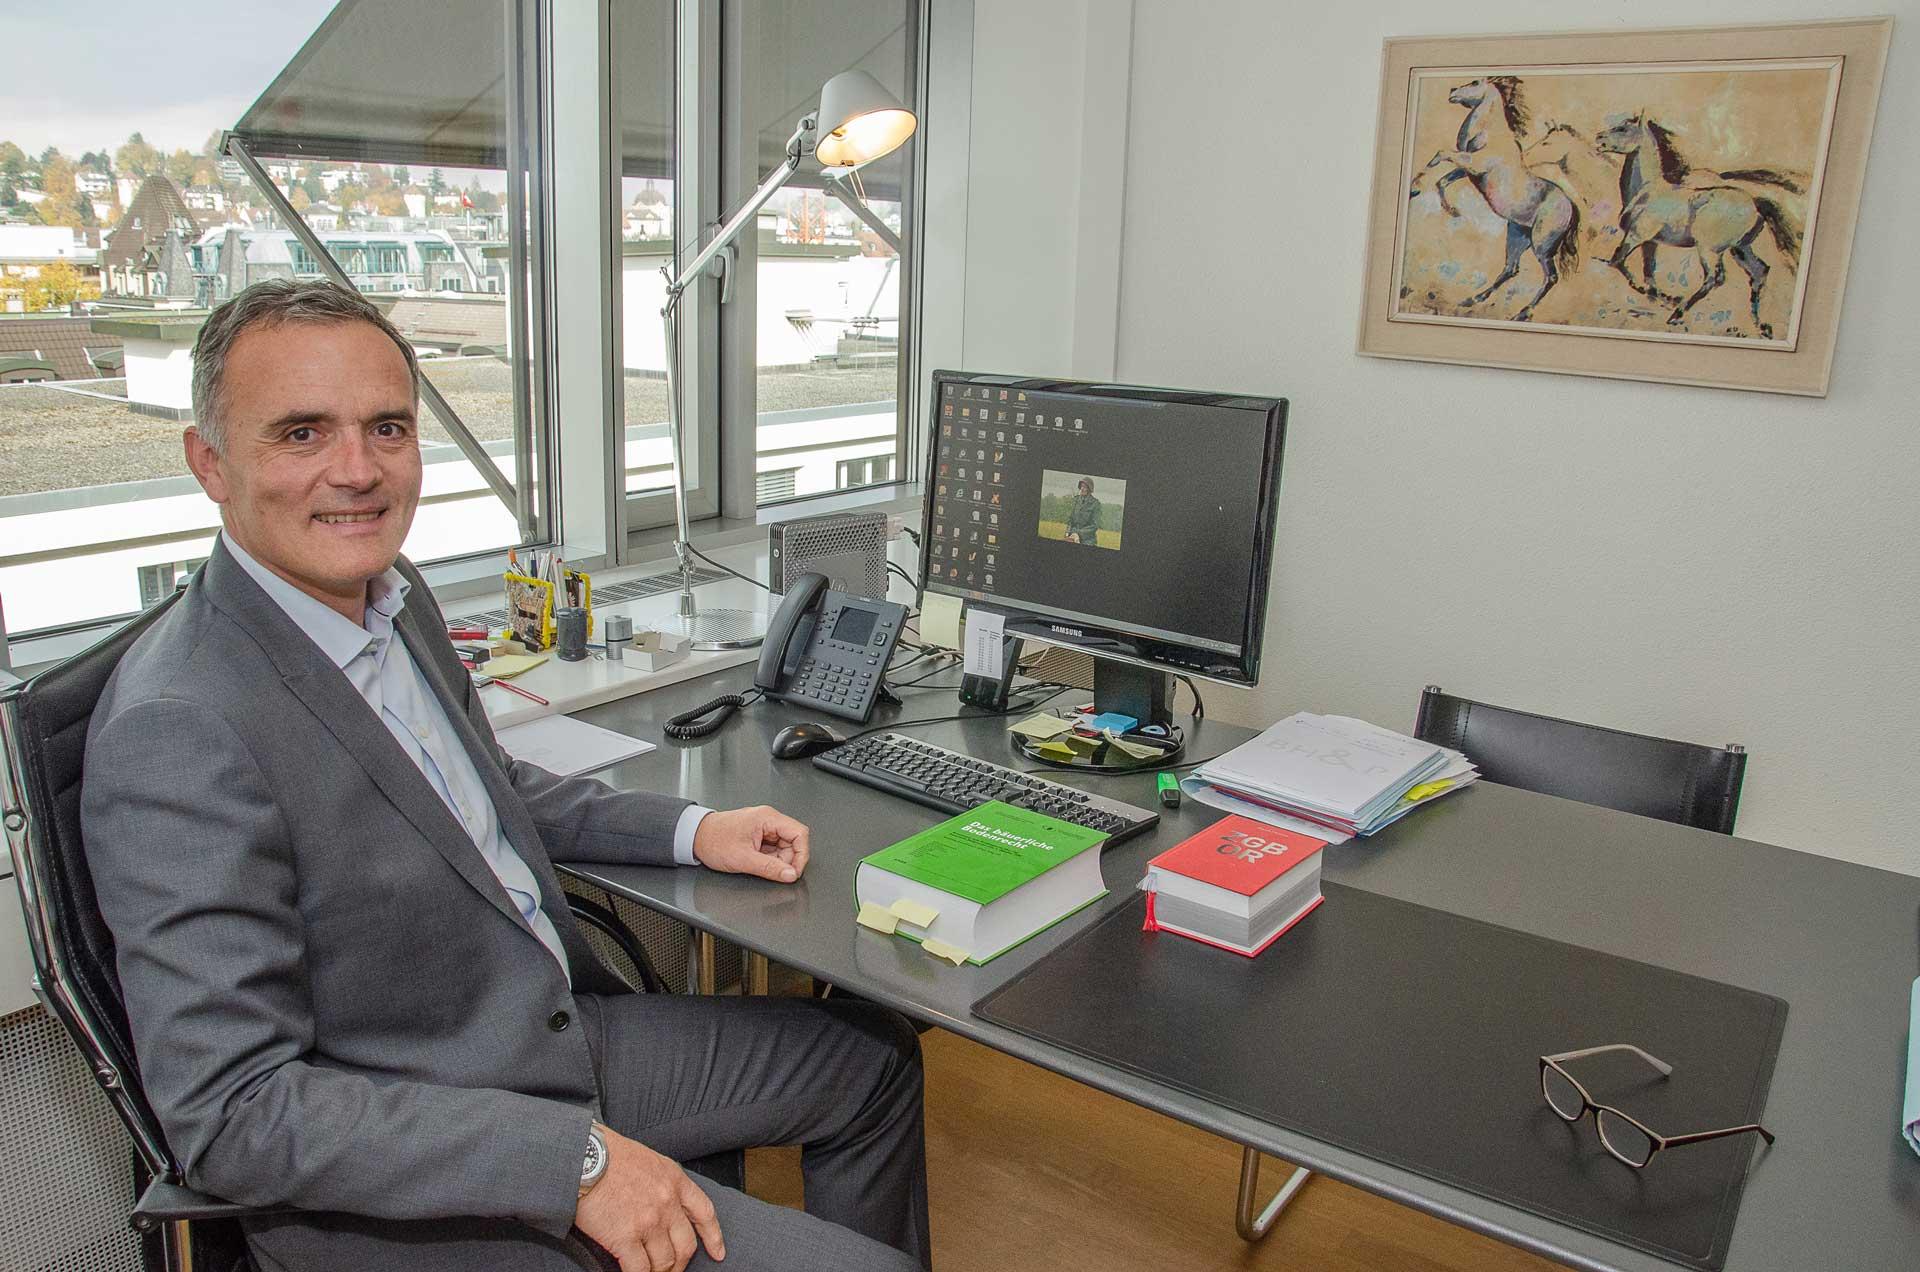 Das Bild an der Wand weist auf seine Passion hin: Thomas Räber in seinem Büro in Luzern.   © 2018 Dominik Thali